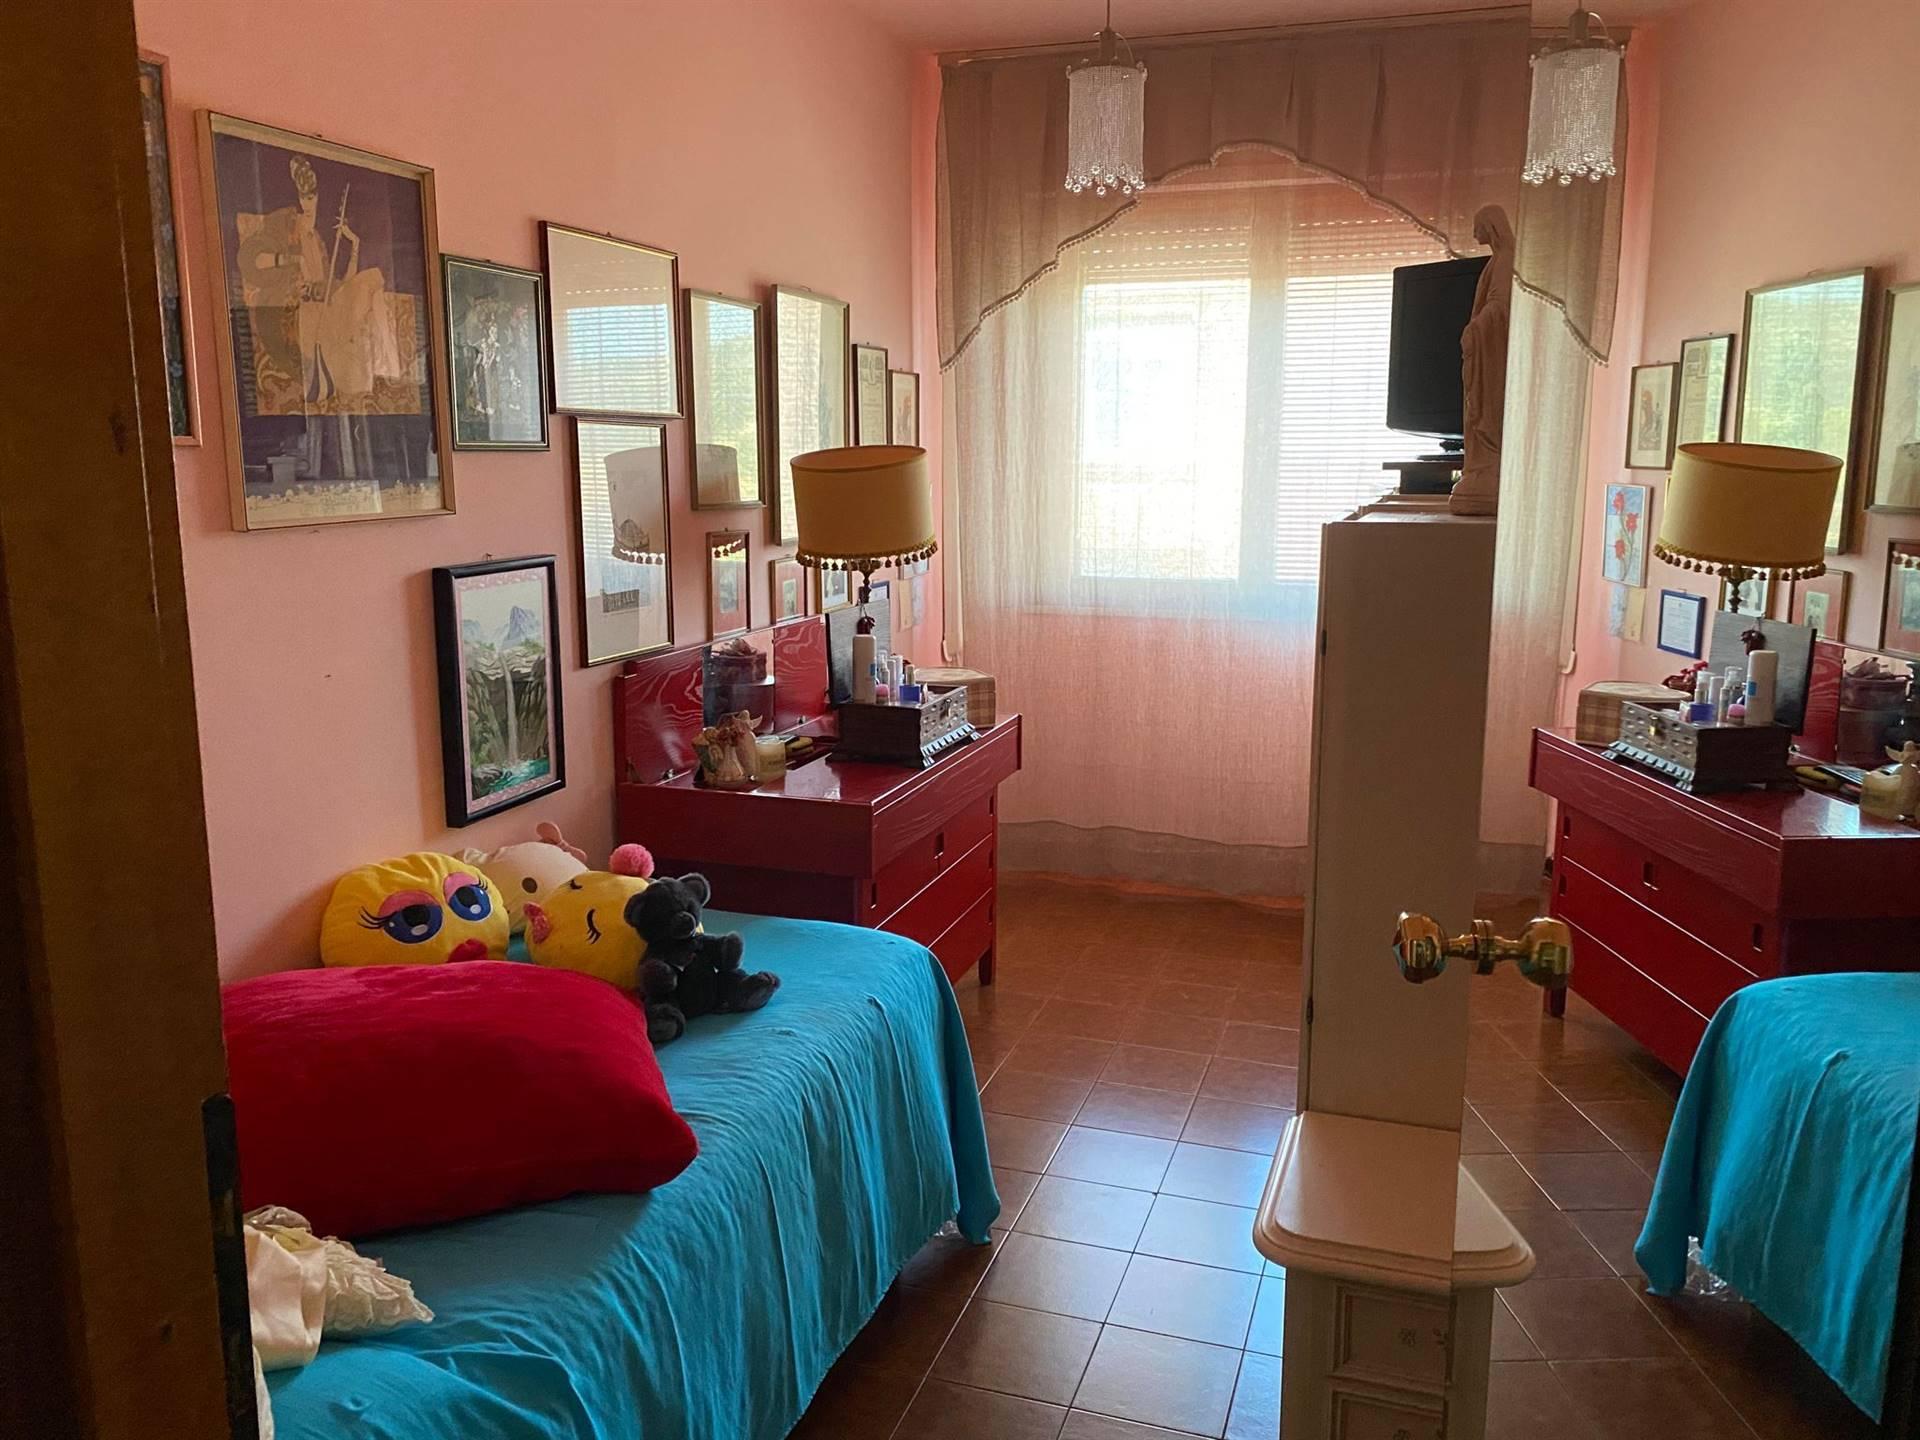 Appartamento Pentalocale di 100 mq collocato in zona semicentrale, in zona tranquilla, non lontana dal centro e comunque vicino ai principali servizi di interesse della città di Civitavecchia.